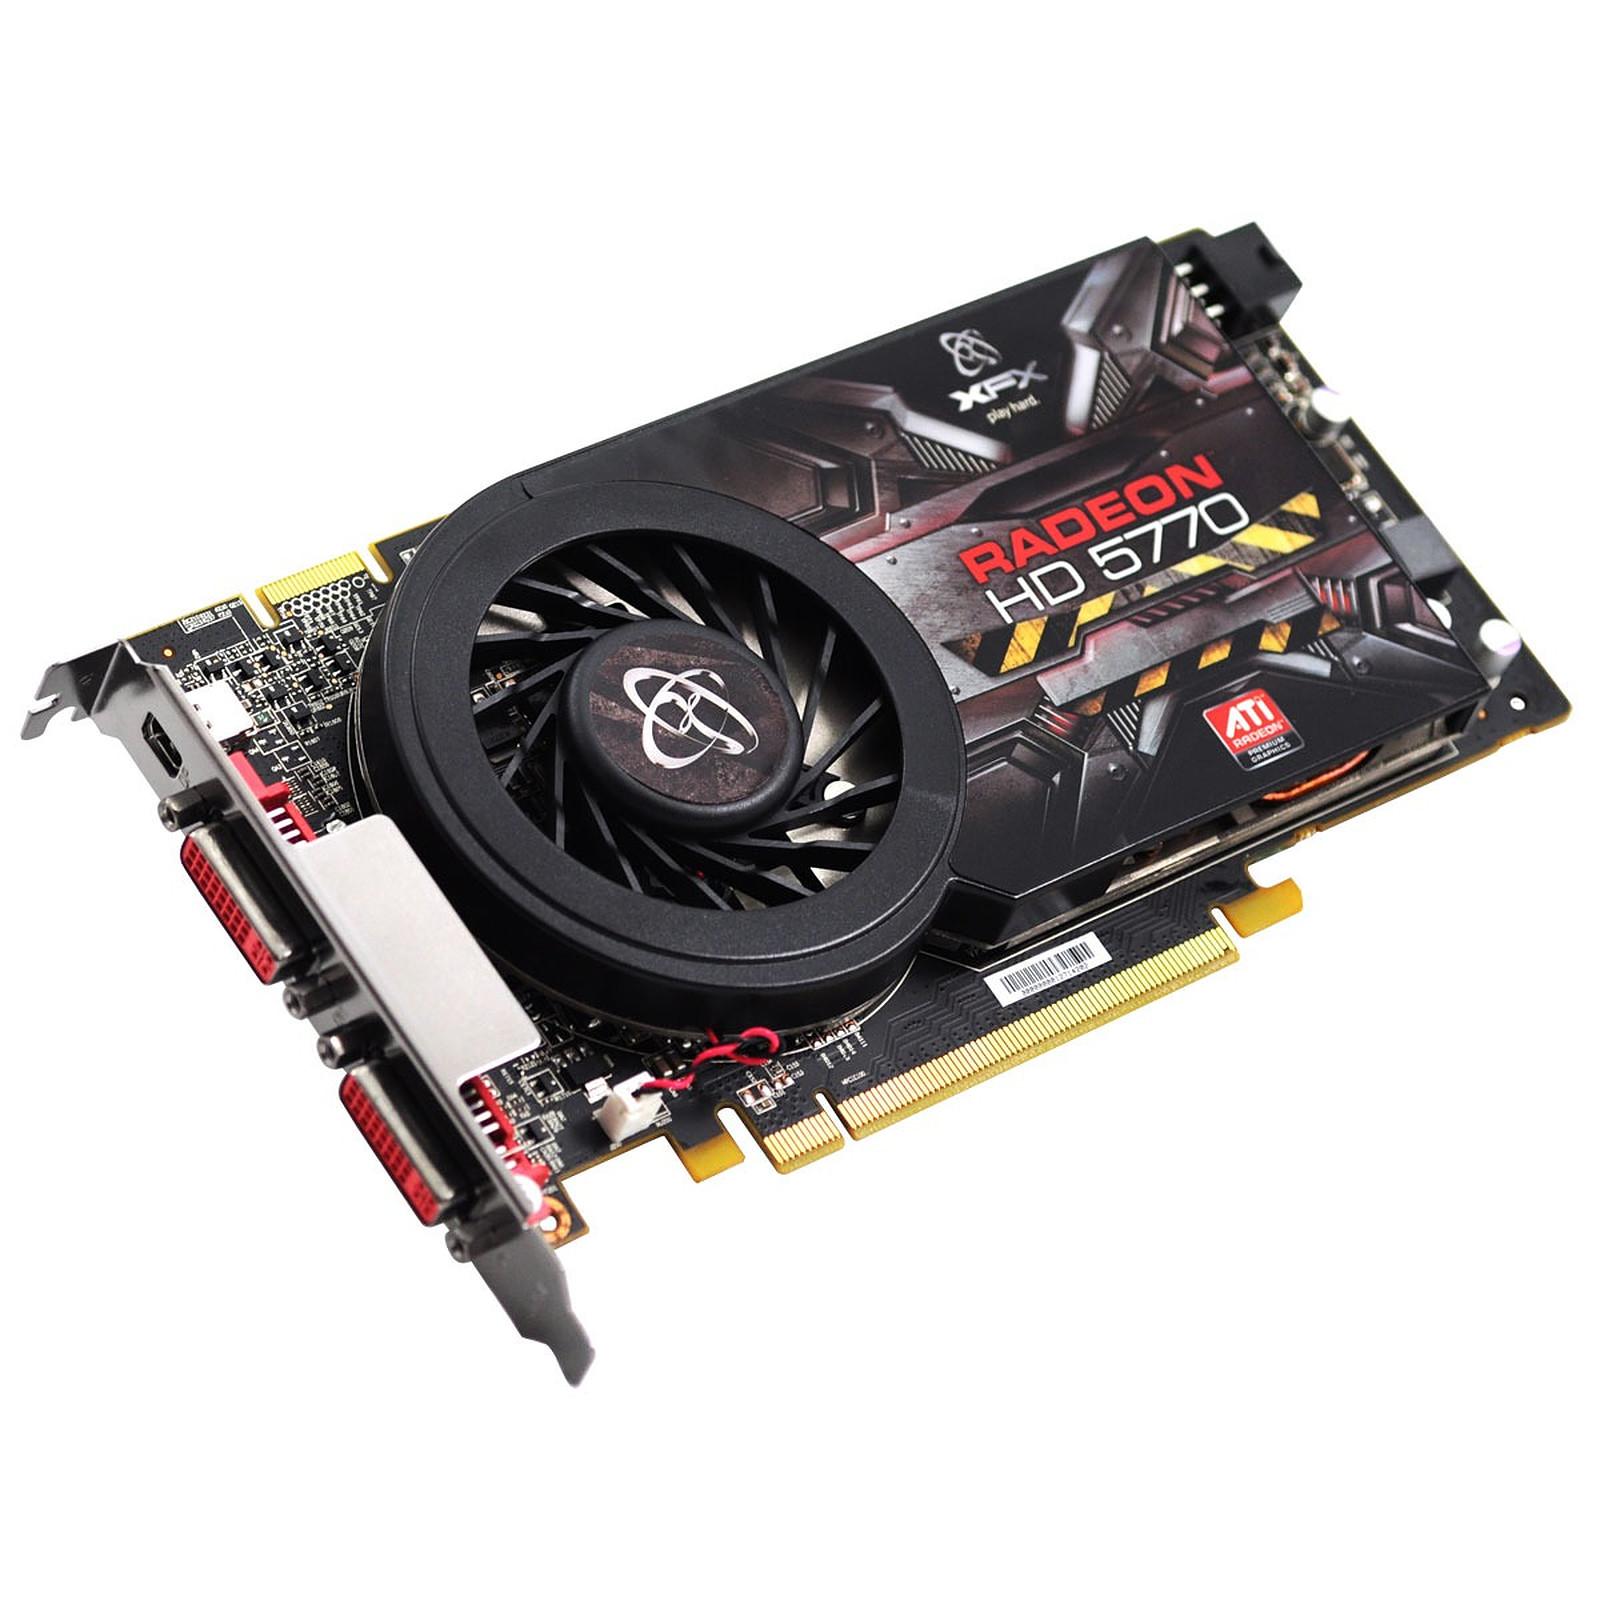 XFX ATI Radeon HD 5770 1 GB Single Slot